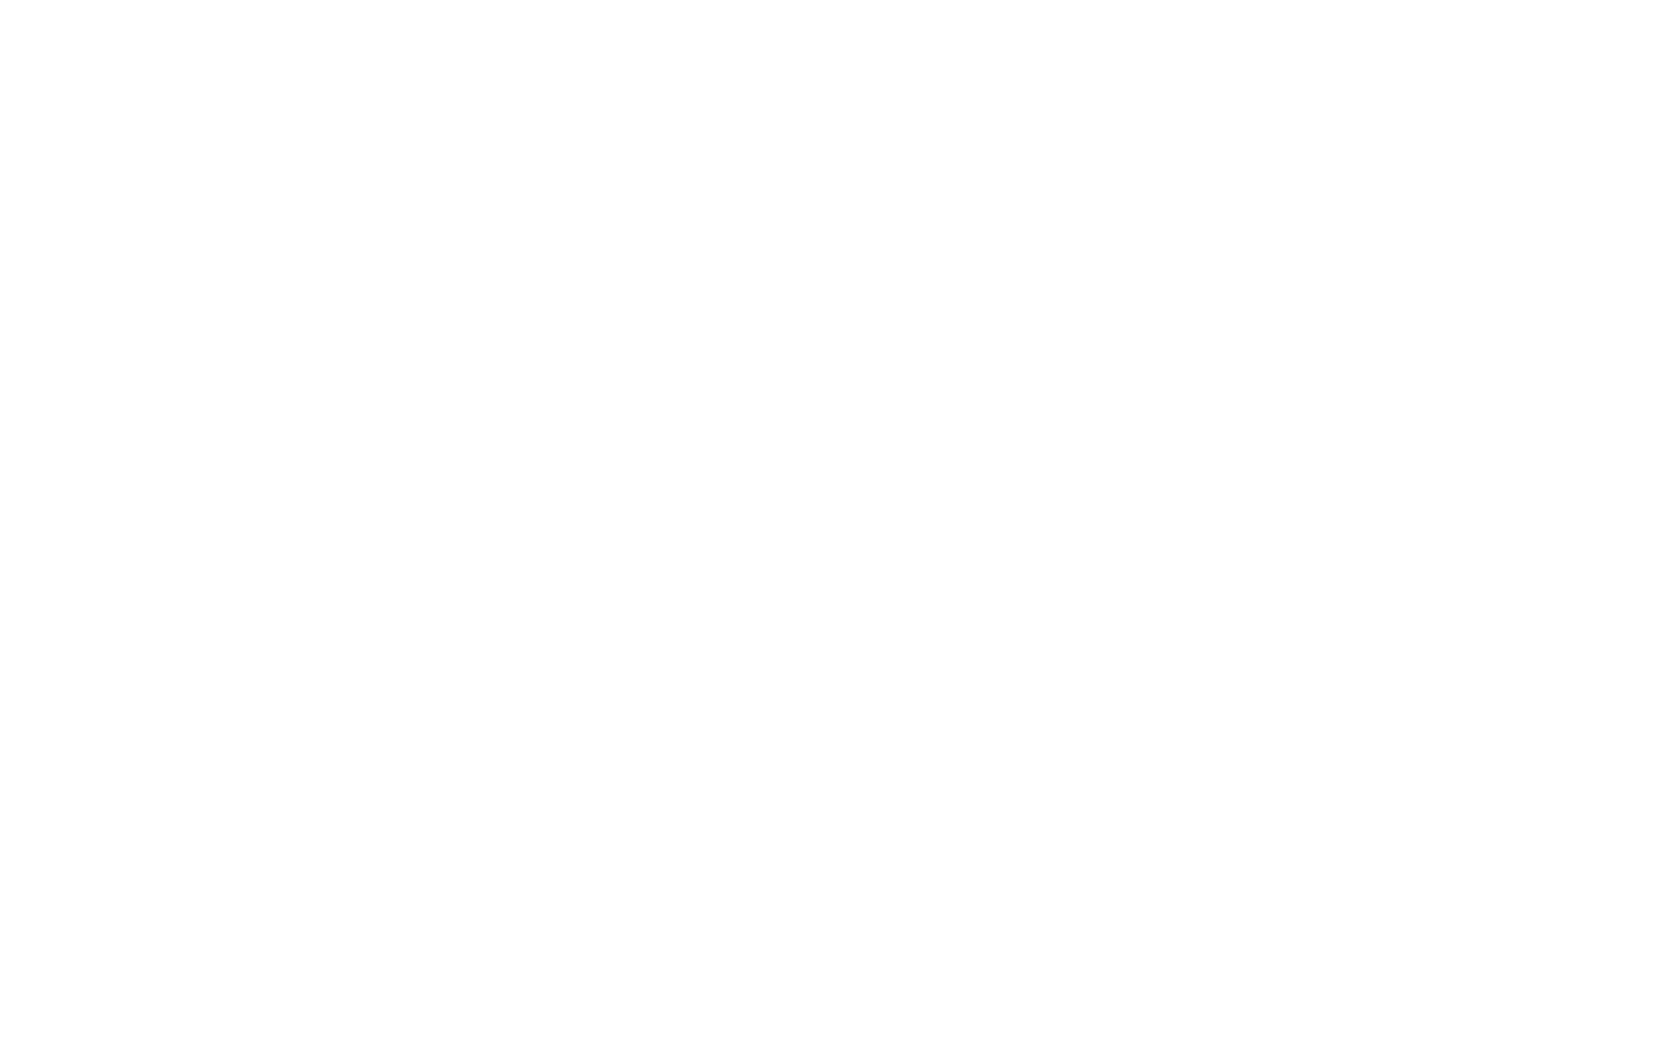 「ヴィーナス」のメインロゴ